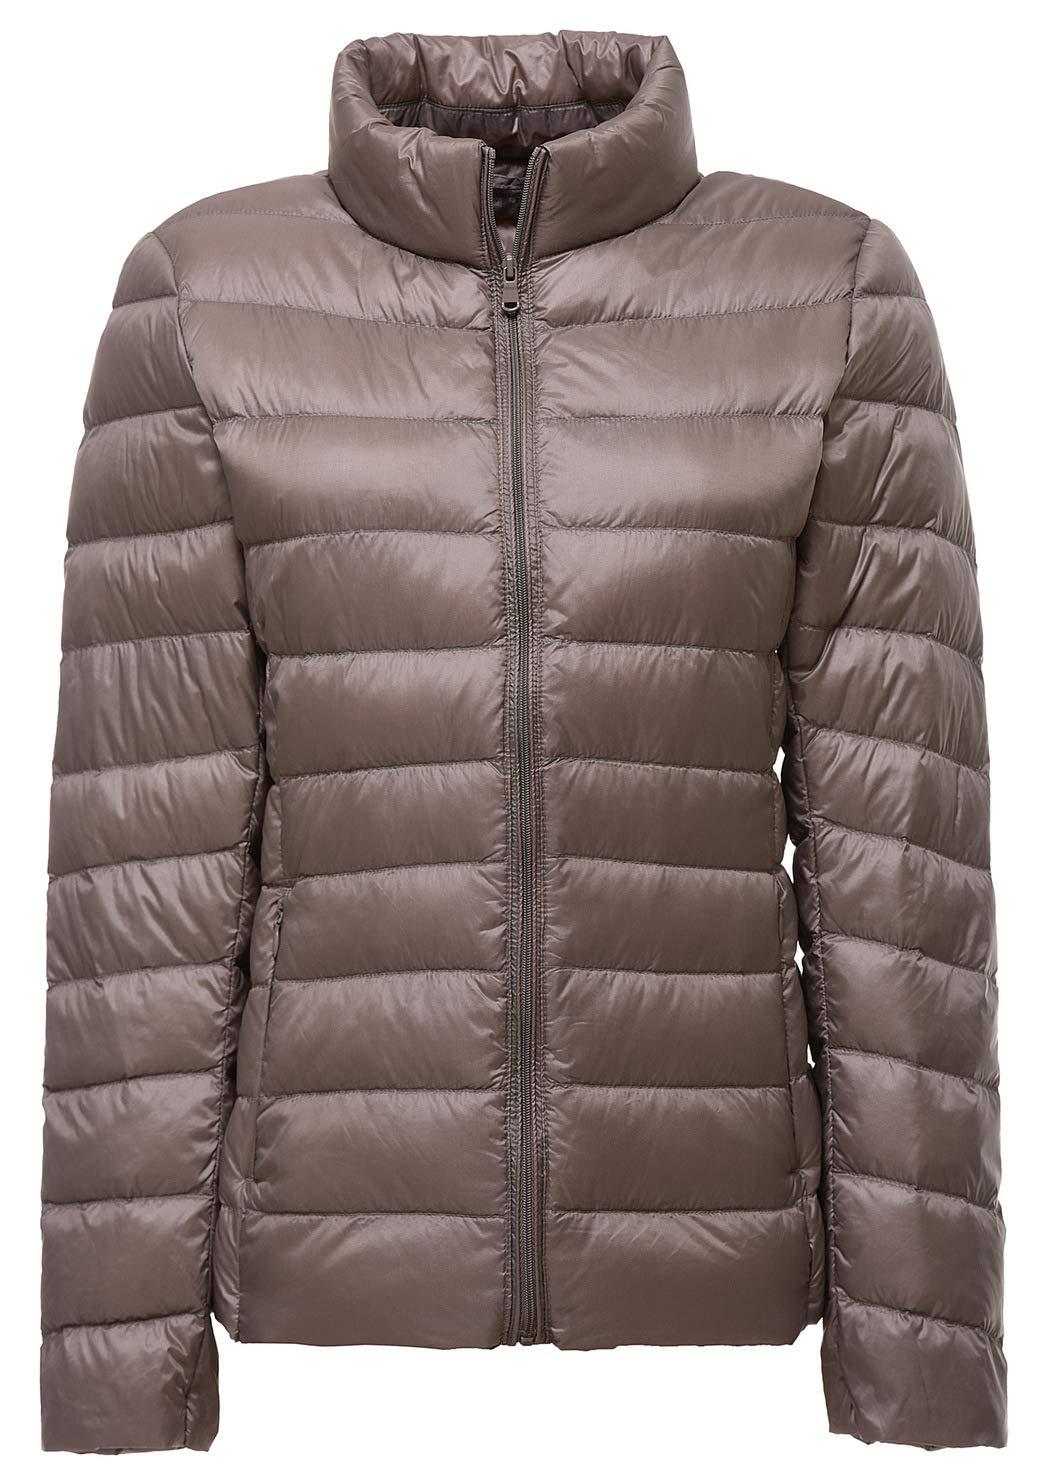 1b11deacedf Galleon - Sawadikaa Women s Ultra Light Packable Stand Collar Winter Pillow  Down Puffer Jacket Coat Grey Medium